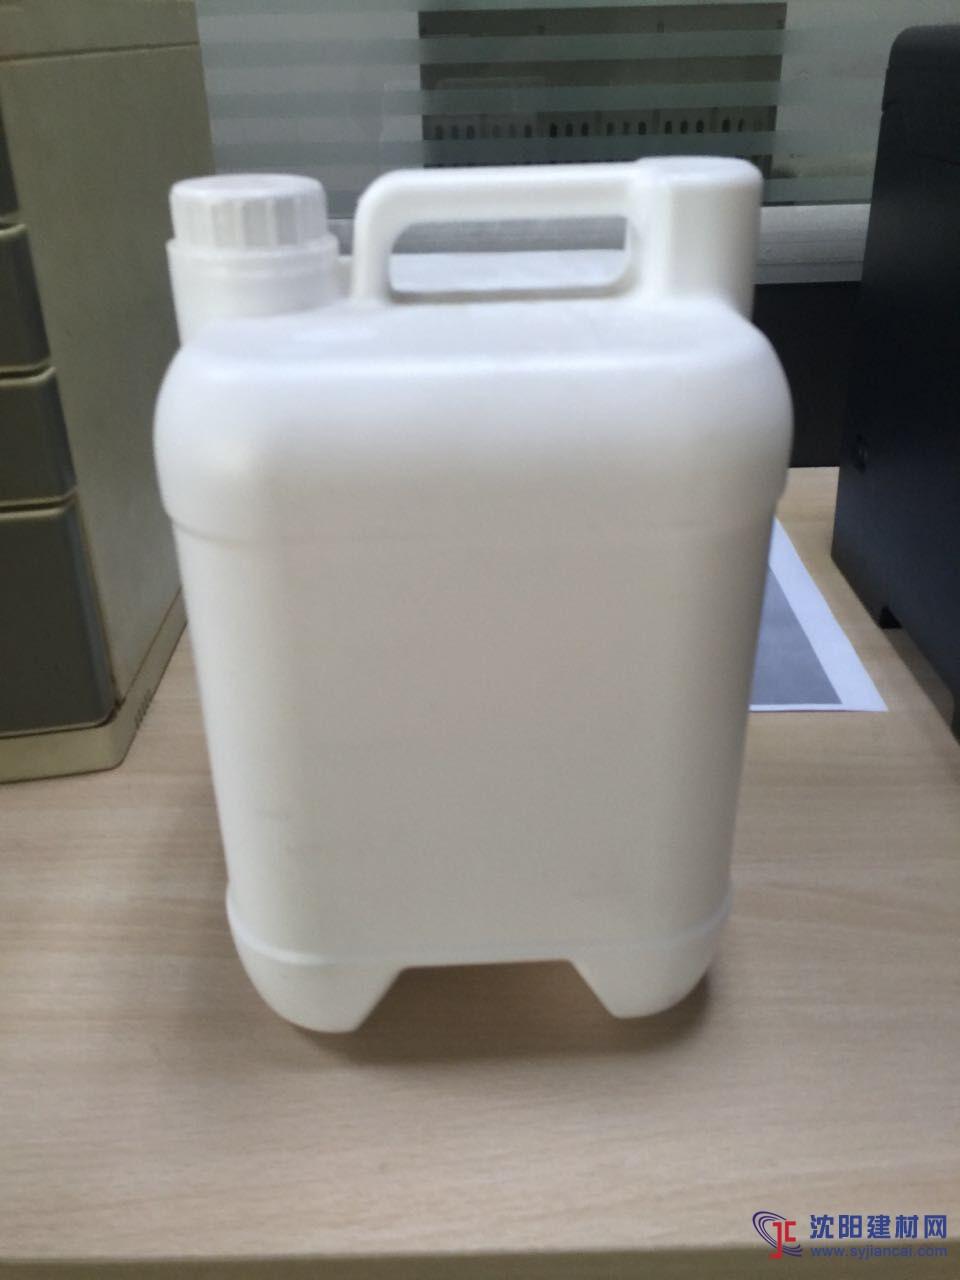 25升塑料桶宽厚高:295245470(mm) 一、产品格式: 产品名目 桶长(MM) 桶宽(MM) 桶高(MM) 单重(G) 满口容量(L) 25L塑料桶 245 1350 二、原料优势: 公司采纳簇新低压高密度聚乙烯,包含齐鲁石化6098粒、上海金菲50100和中海壳牌5421B等,耐强酸强碱,无毒环保。 三、出产设施: 公司配备拥有壁厚克制体系的吹塑中空成型机,可对产品任一位子壁厚举行克制,从而保障桶身匀称,确保产品的高超度与抗冲击功能。 四、品质保障: 公司为ISO9001认证企业,平常运